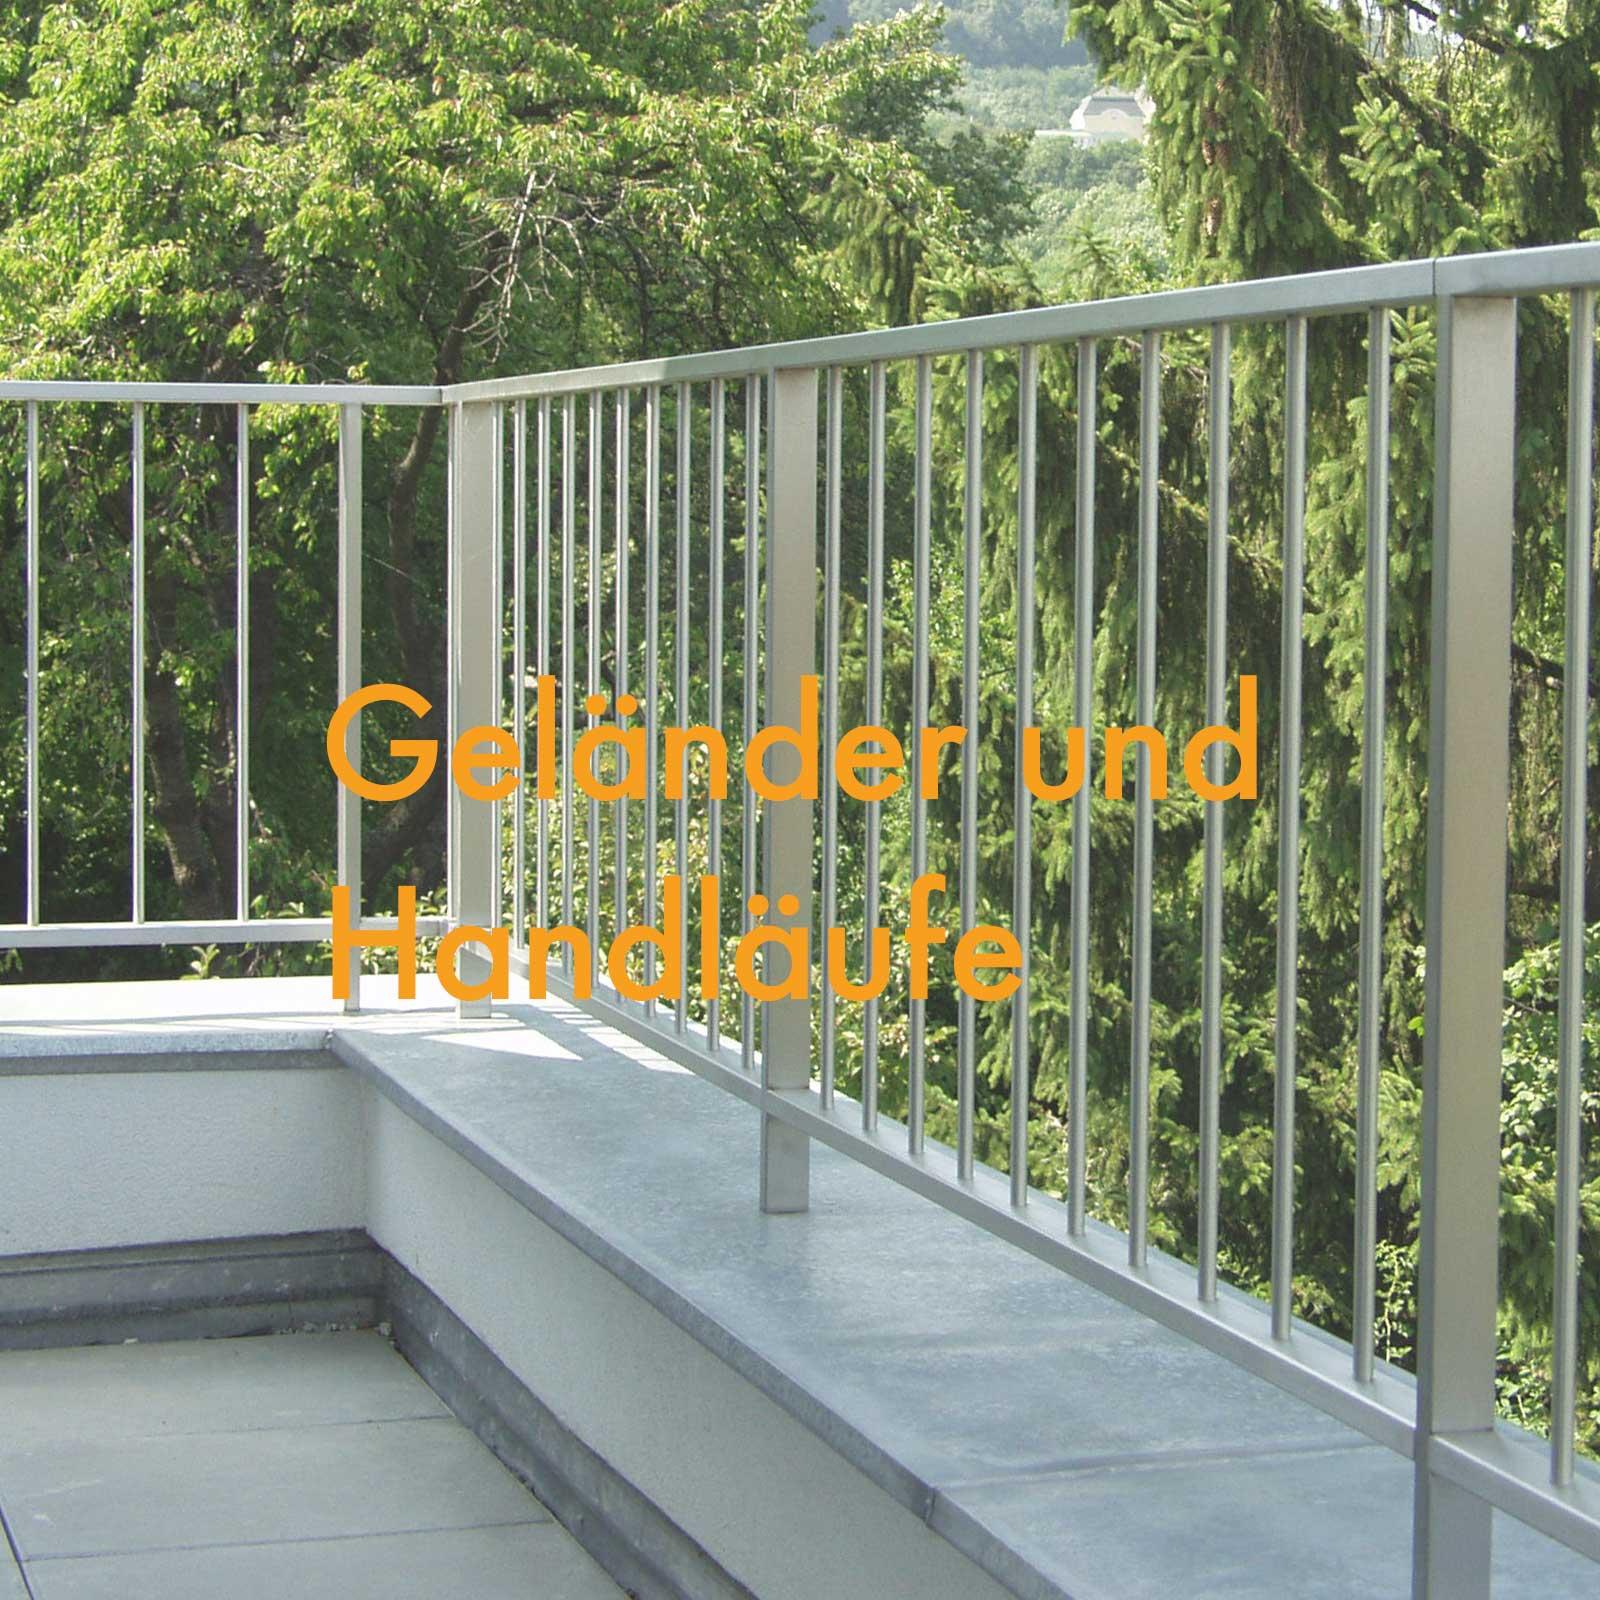 03-Geländer-und-Handläufe.jpg